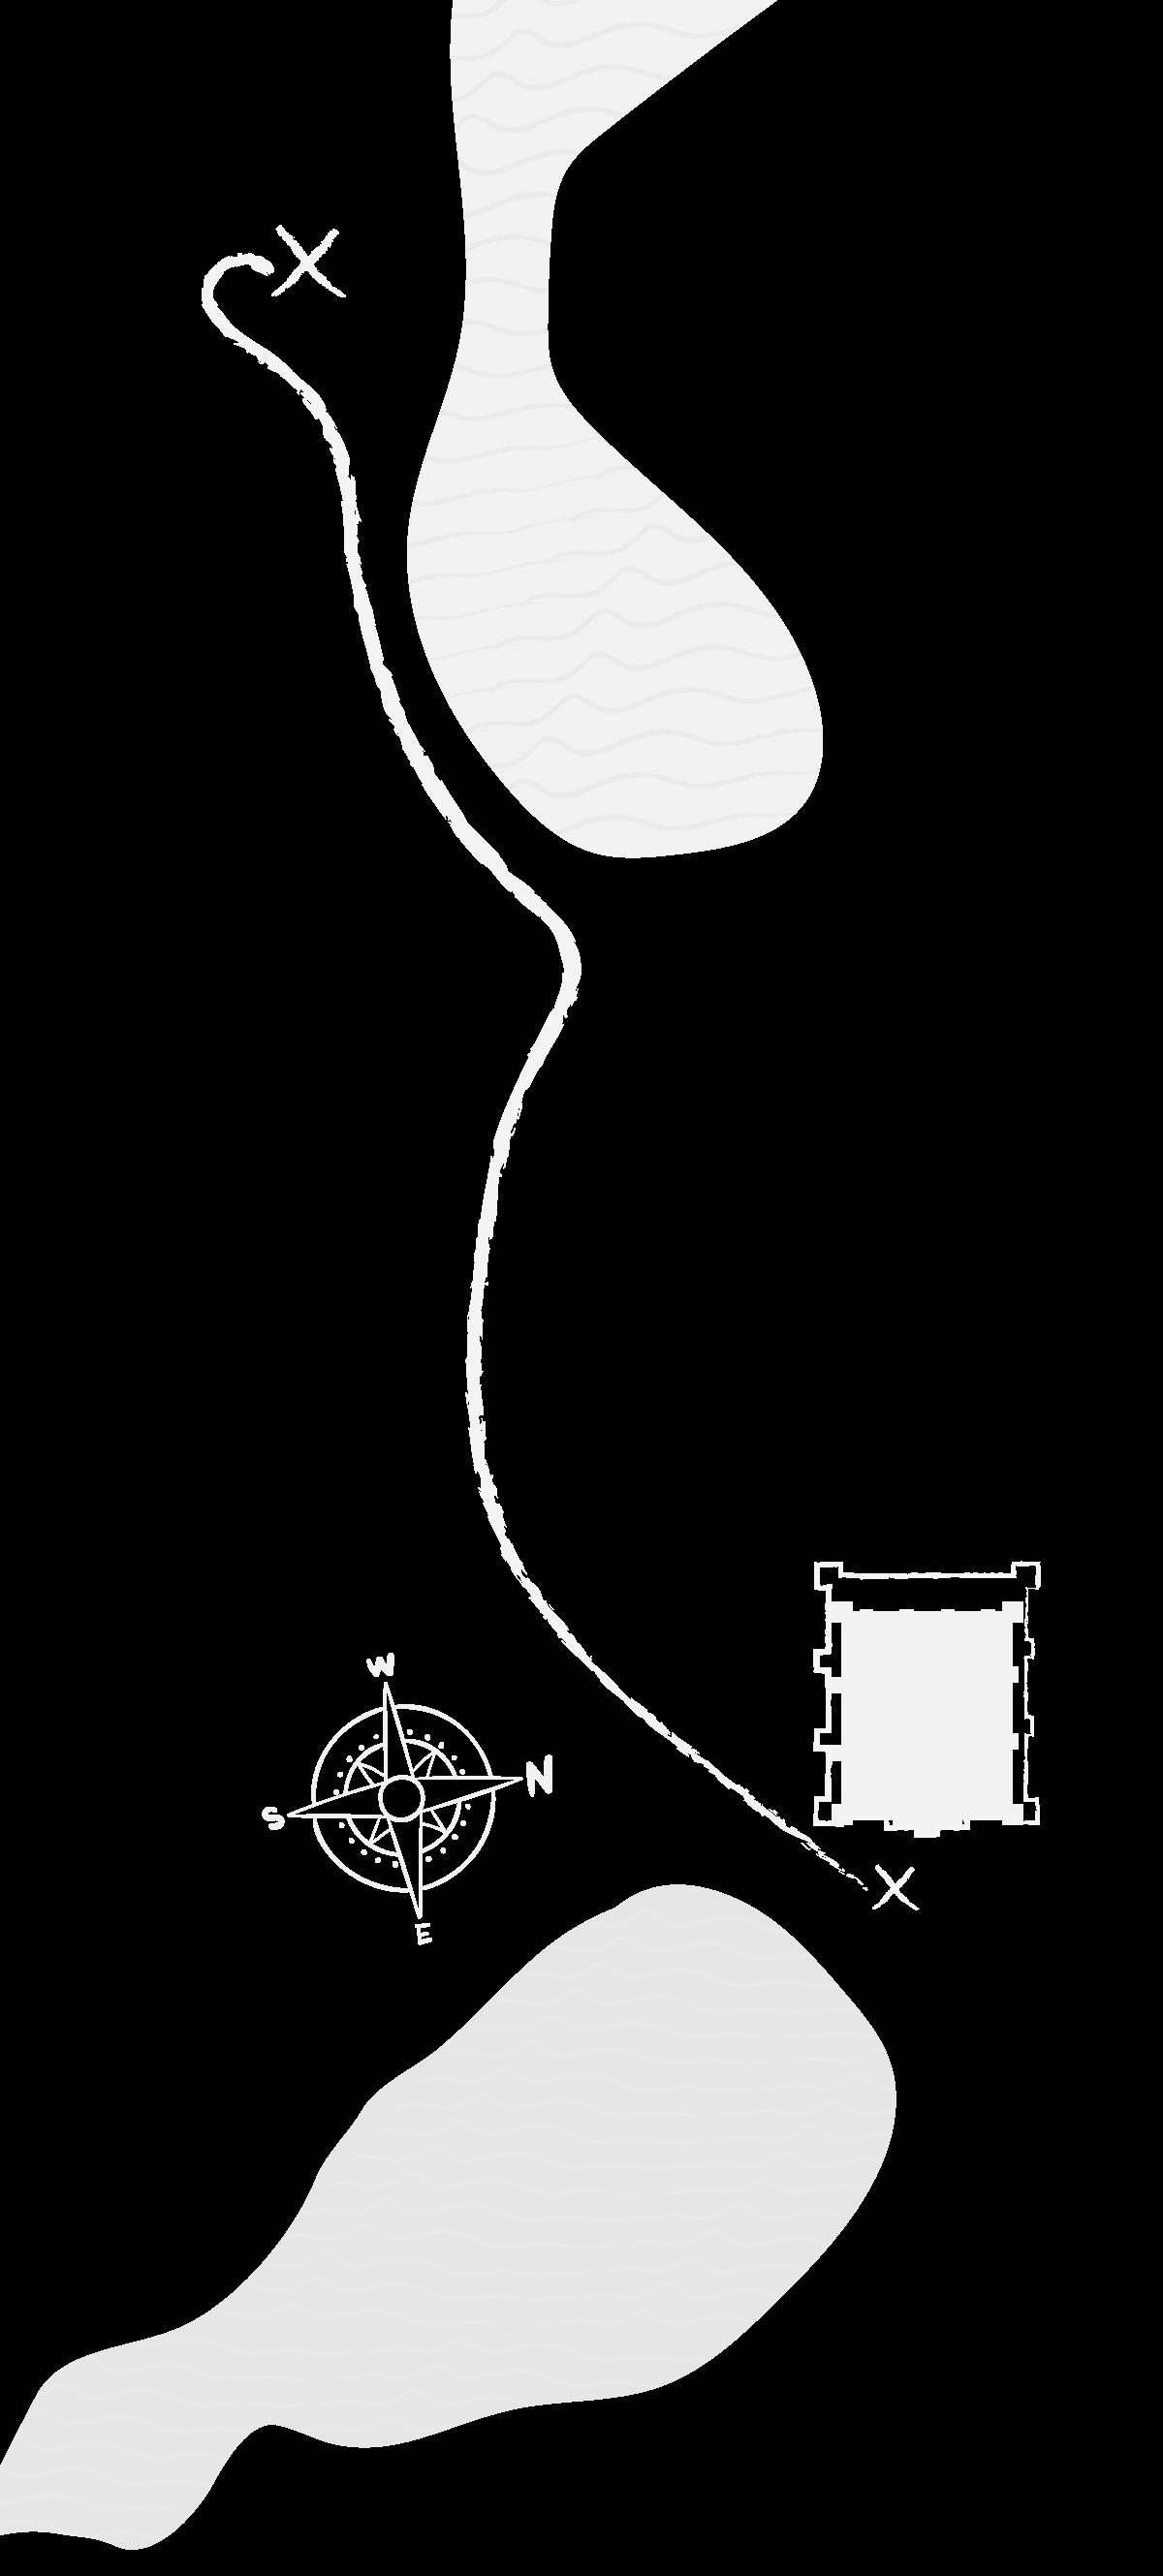 Grafika przedstawia zarys jeziora szymbarskiego z oznaczeniem zamku przy jego południowym brzegu oraz jeziora ząbrowskiego ze wskazaniem położenia cmentarza przy północno wschodnim brzegu.